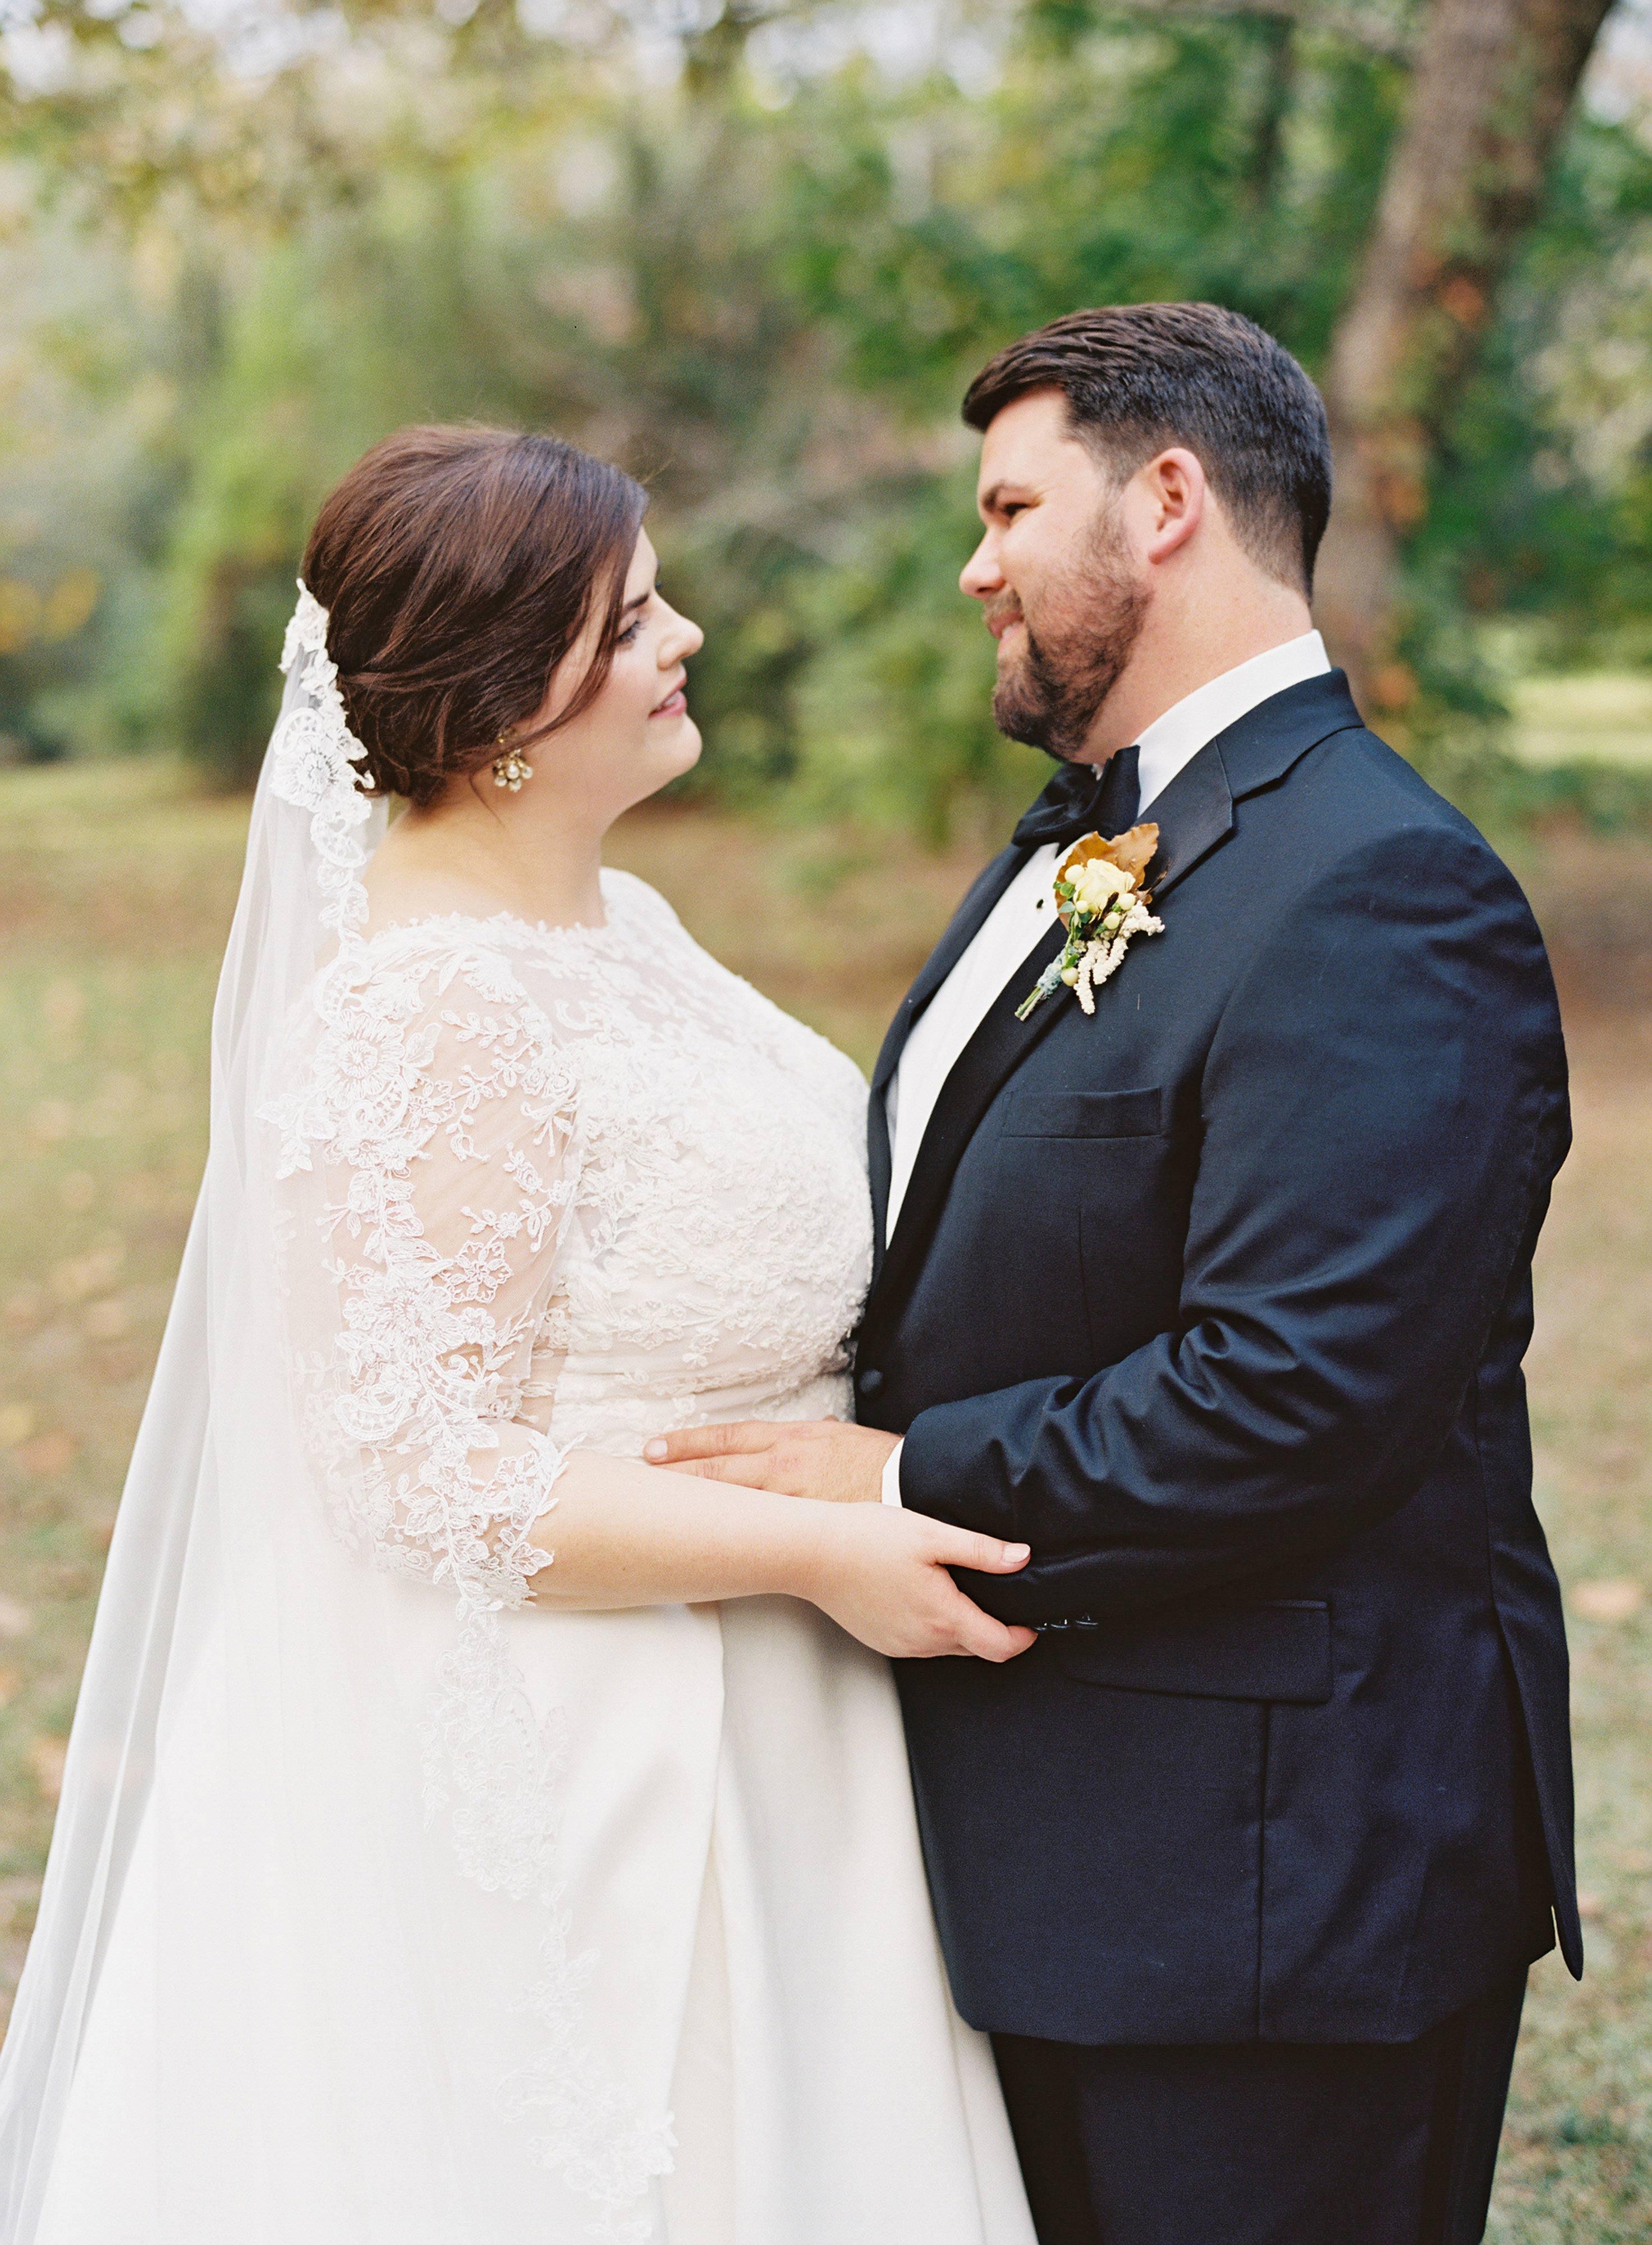 madeline brad wedding couple hug